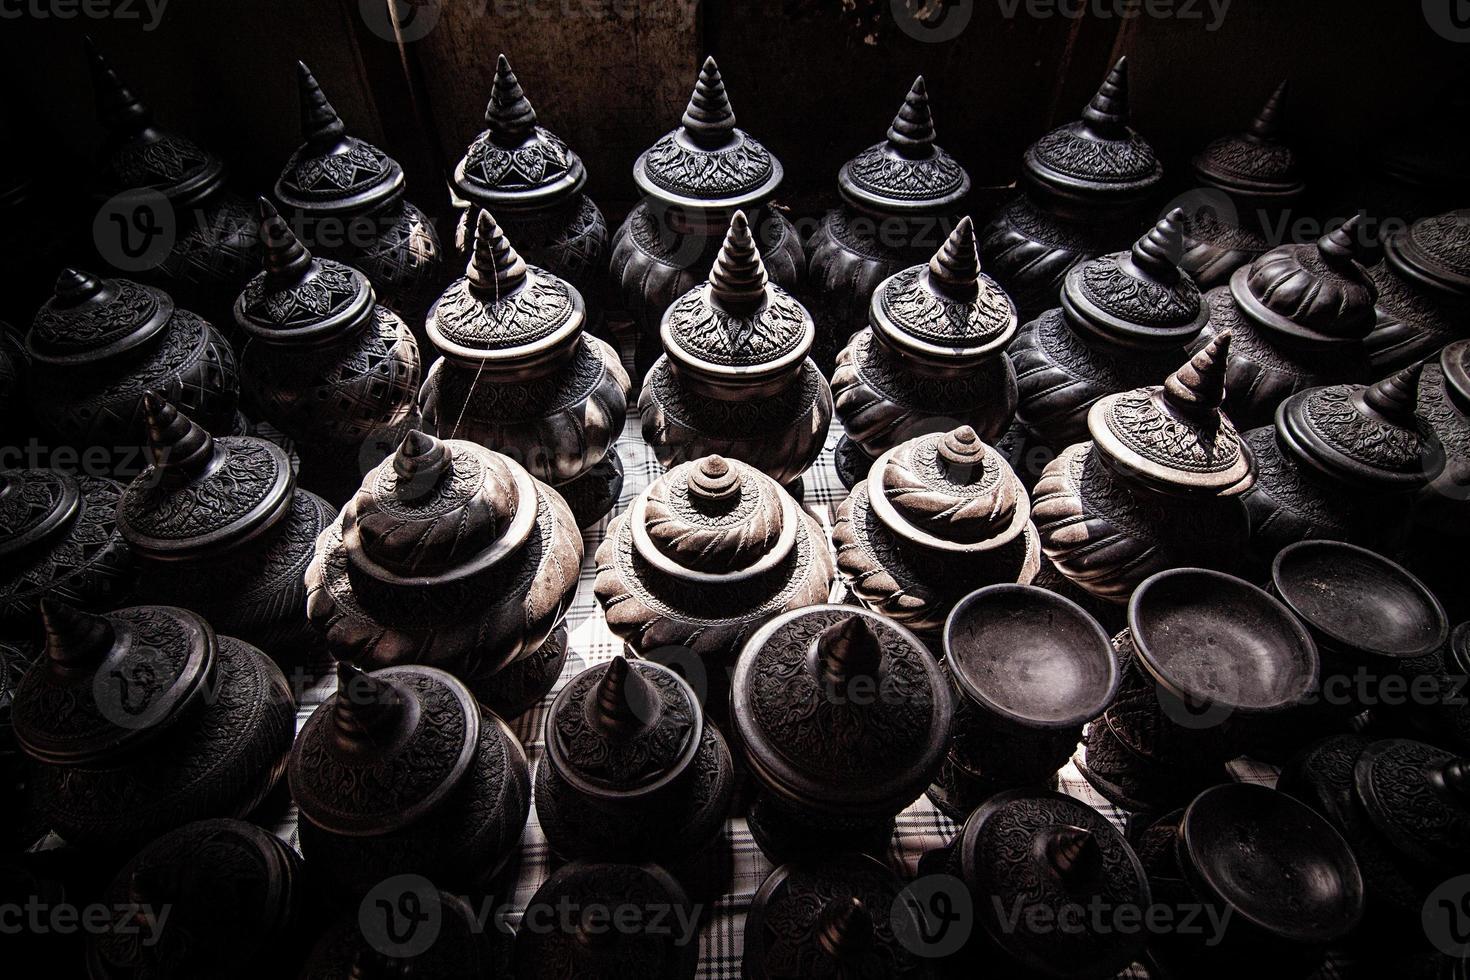 boutique de poterie sur le marché photo